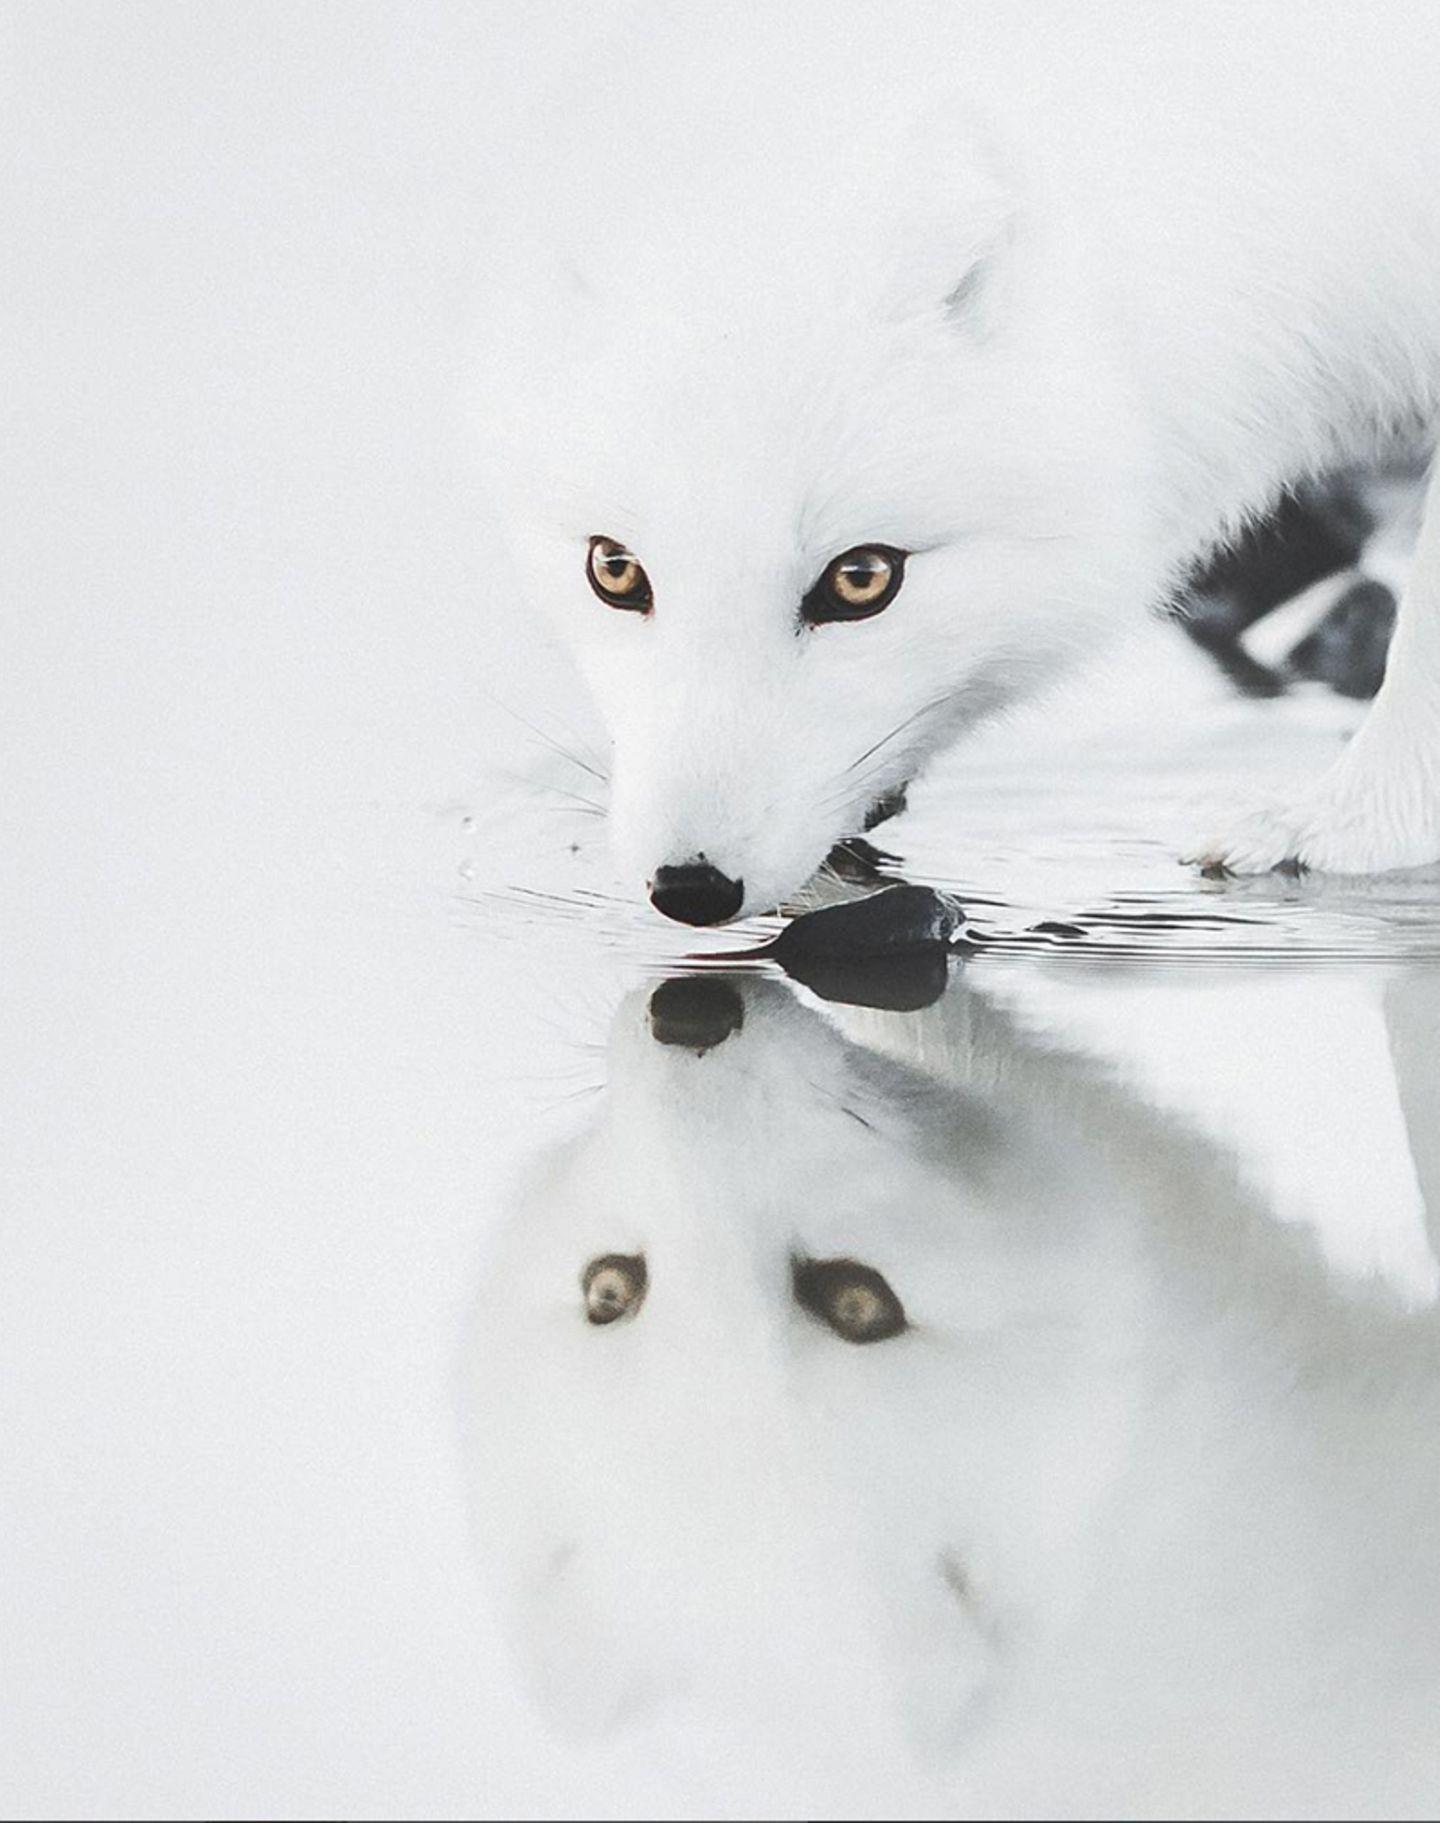 Ein weißer Fuchs